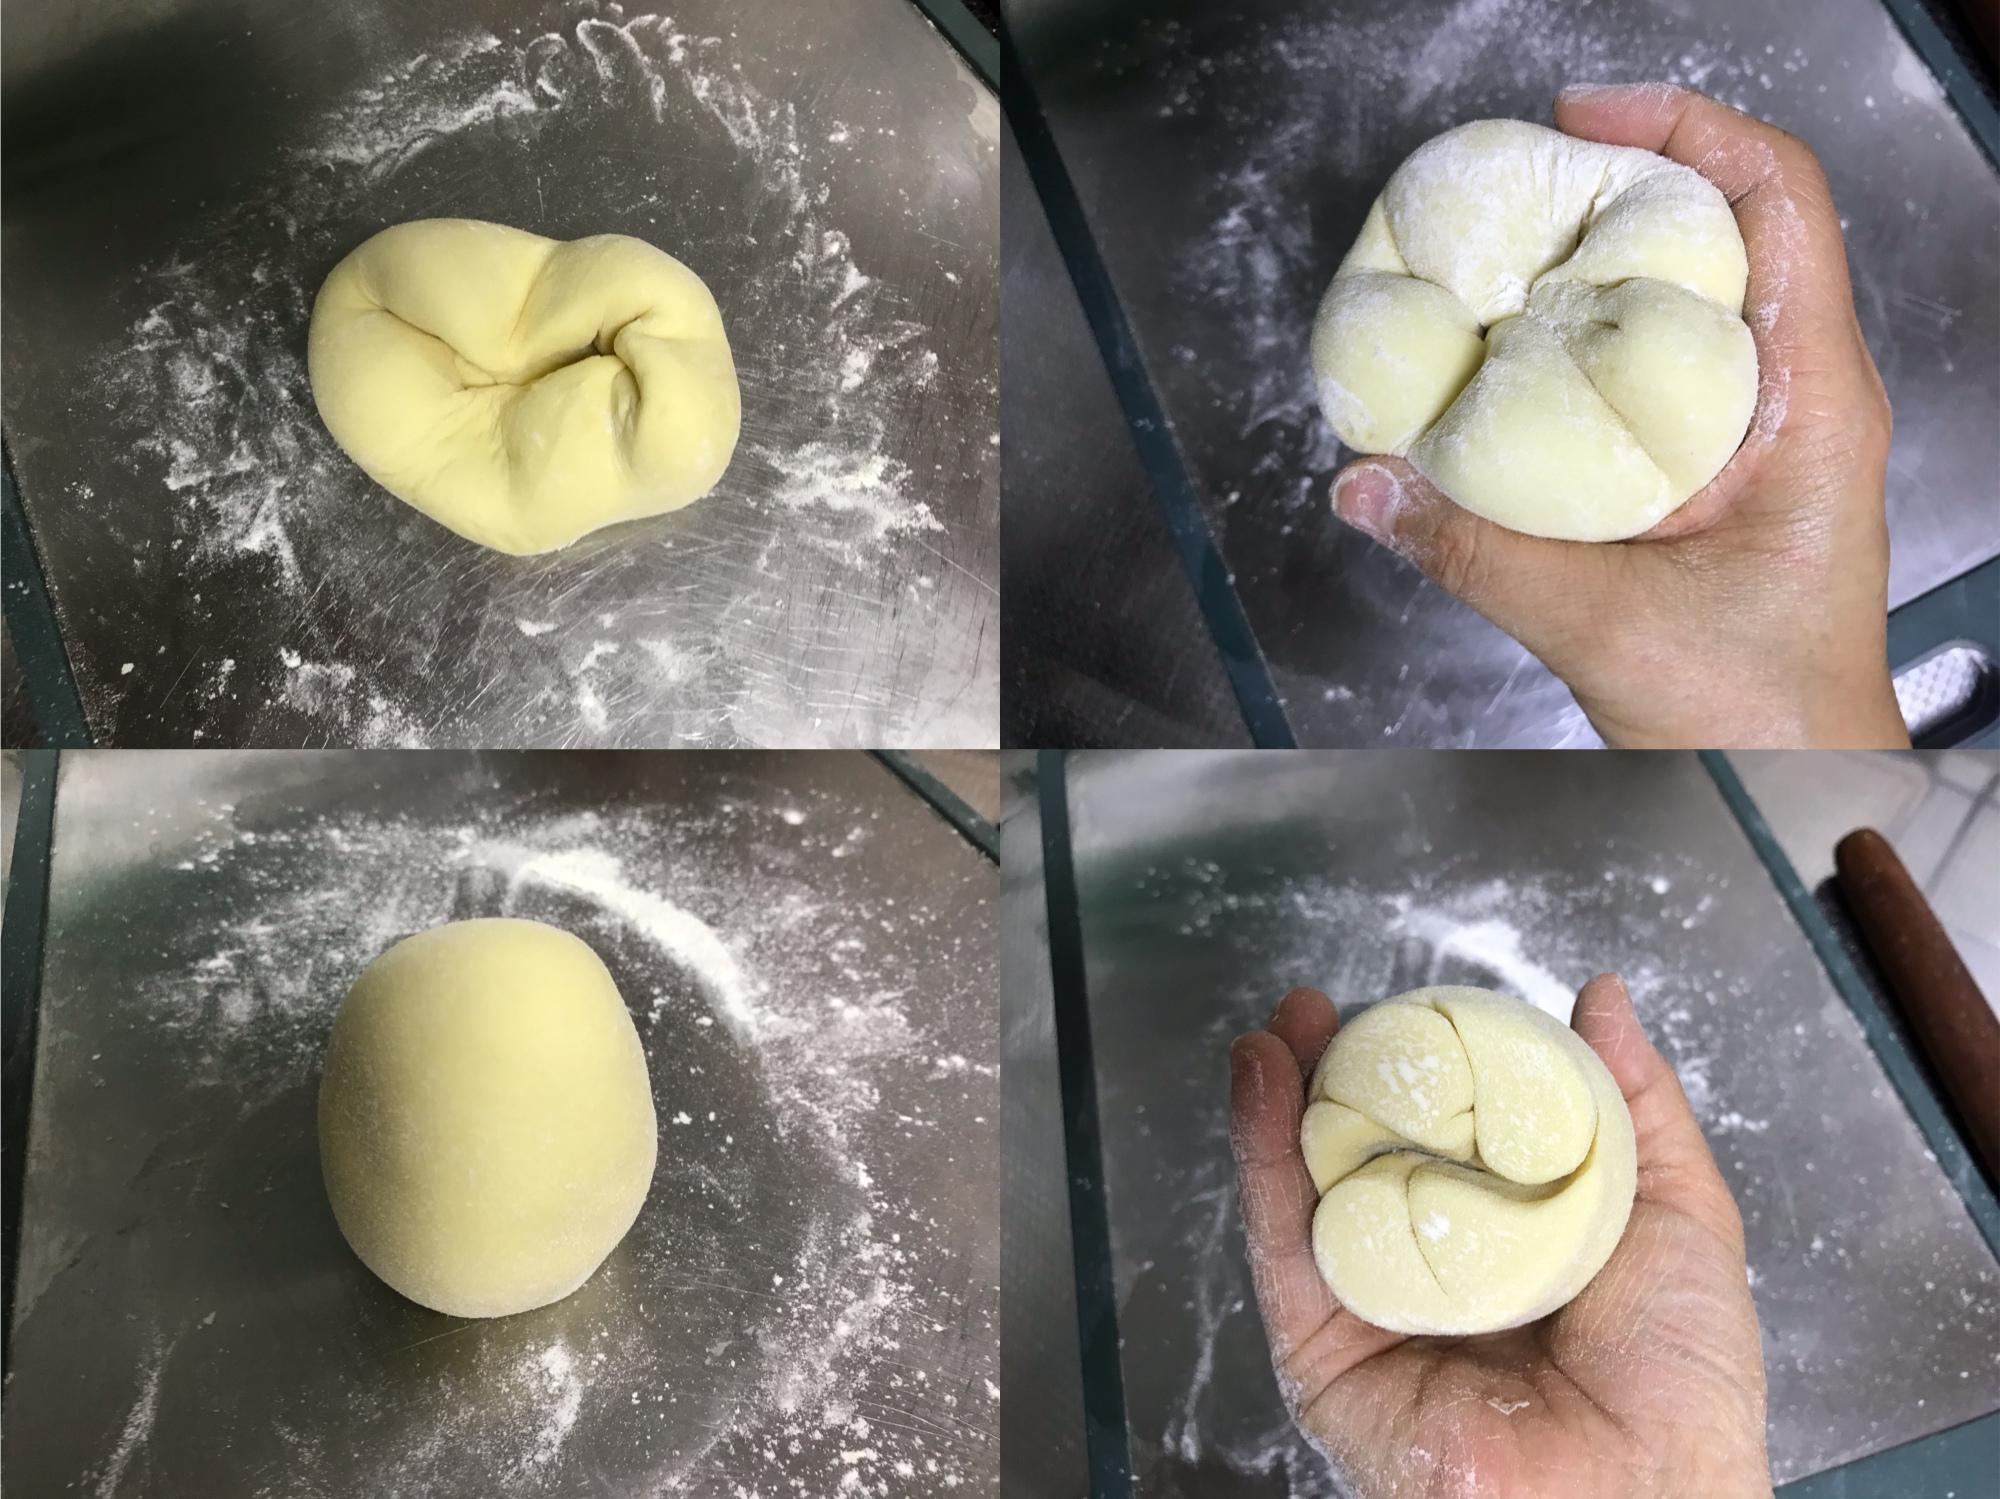 1碗面粉1个鸡蛋,网上很火的做法,易操作,松软香甜比面包好吃 美食做法 第5张